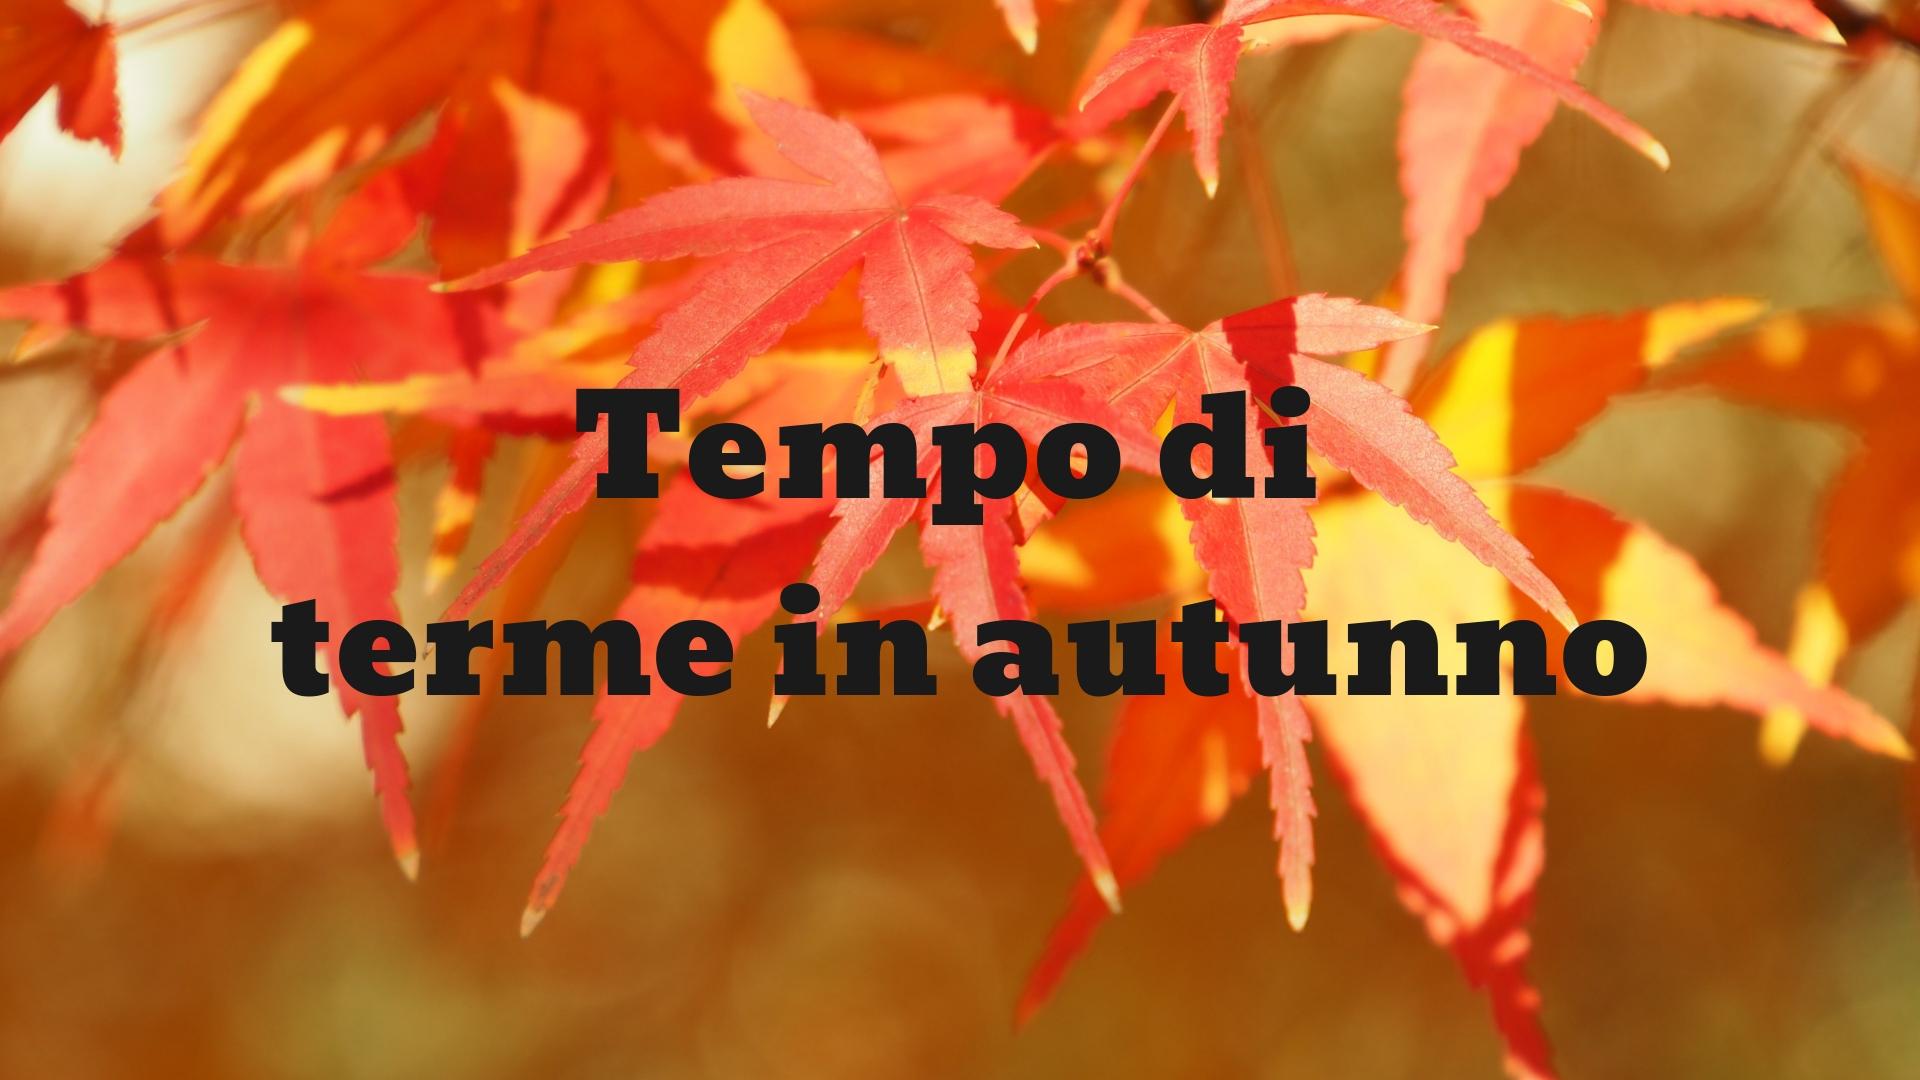 Terme in autunno: benessere & prevenzione